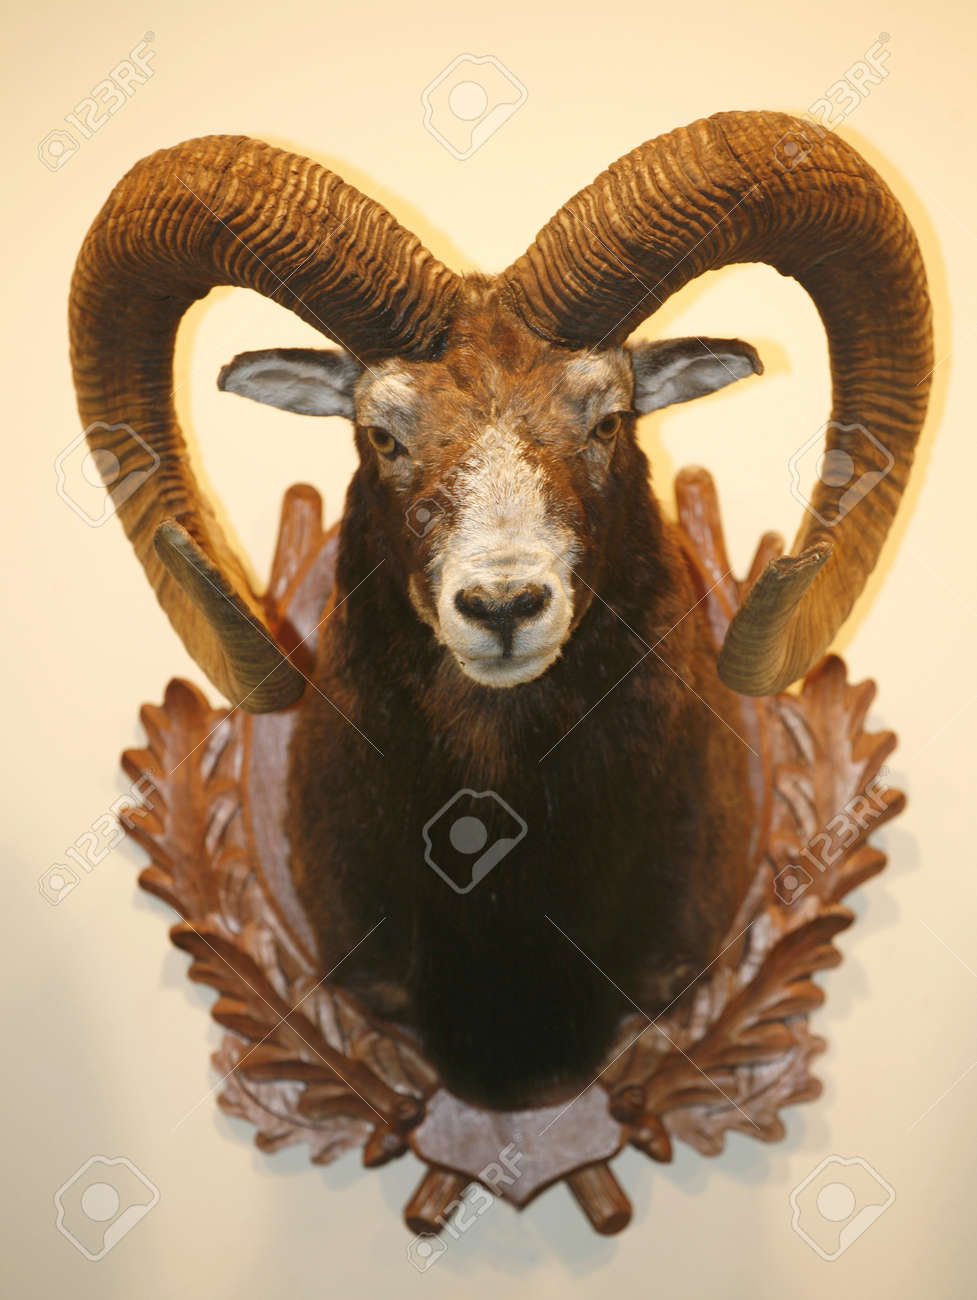 Closeup photo of moufflon skull hanging on wall - 36911260